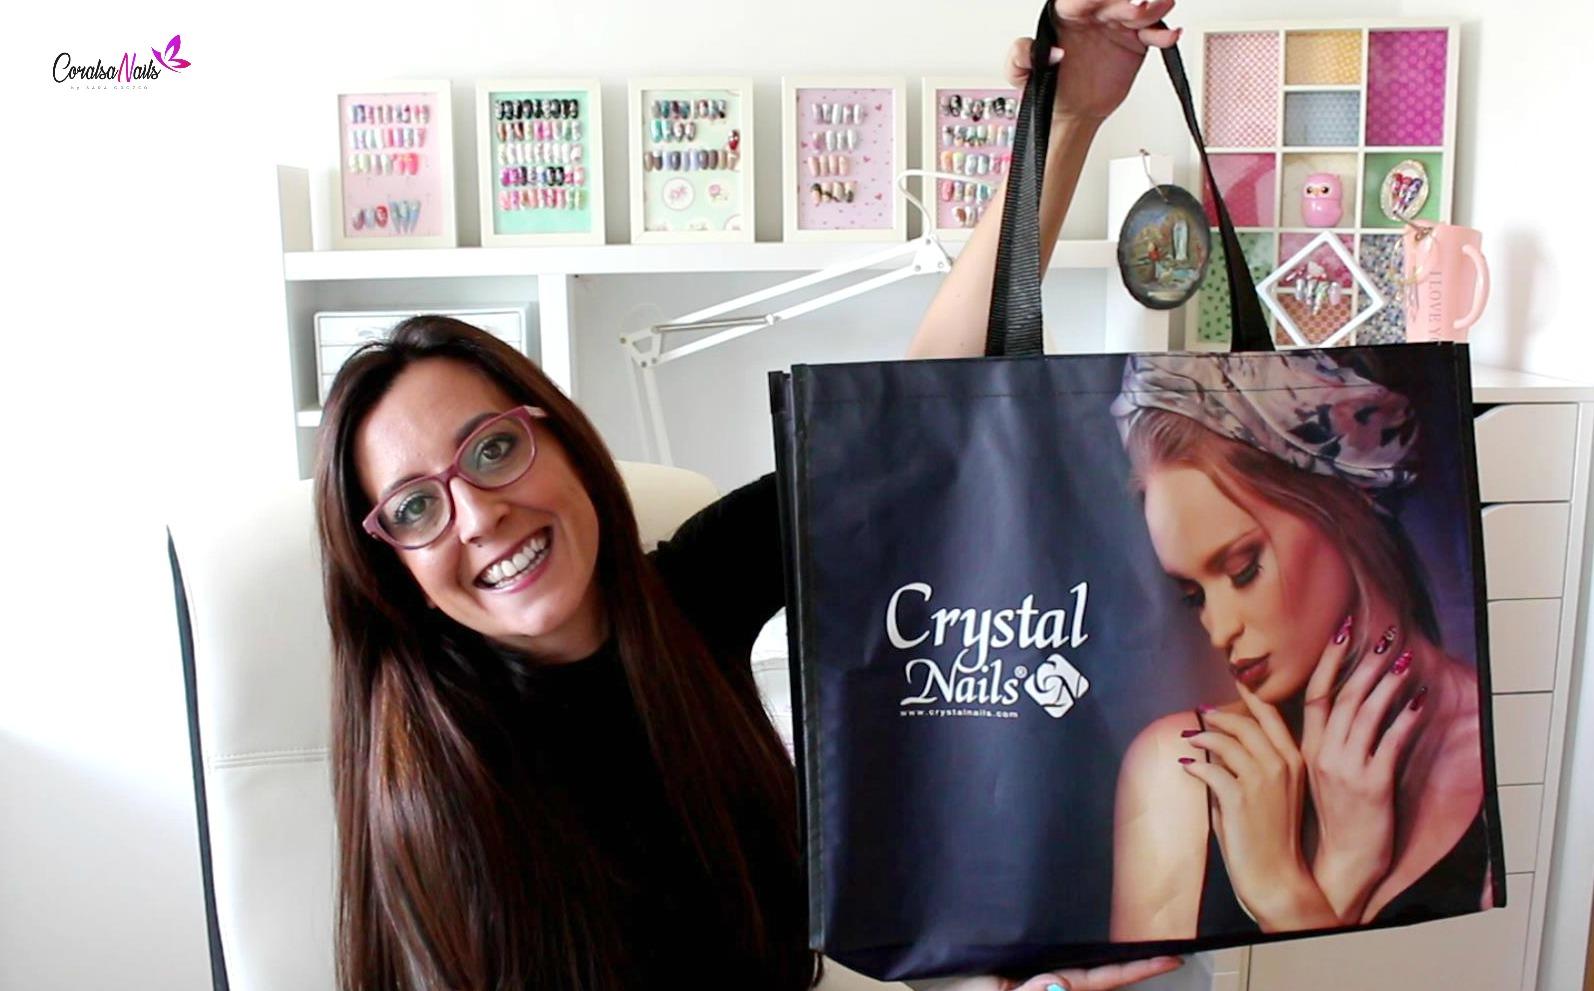 Novedades CrystalNails más Visitando su tienda en Madrid